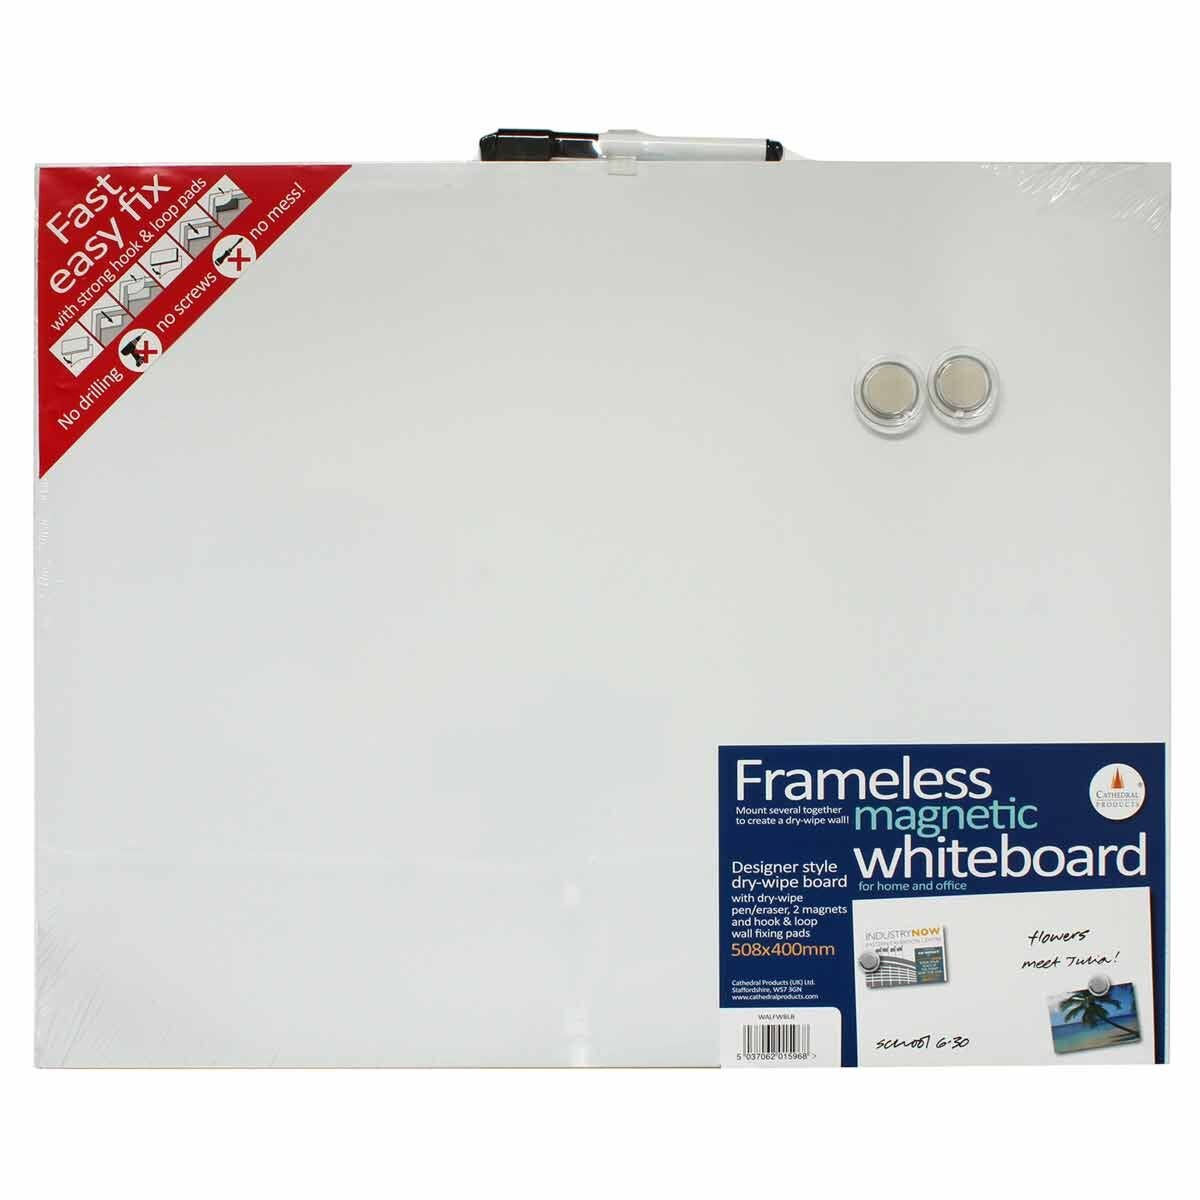 Frameless Blank Magnetic Whiteboard 400mm x 508mm